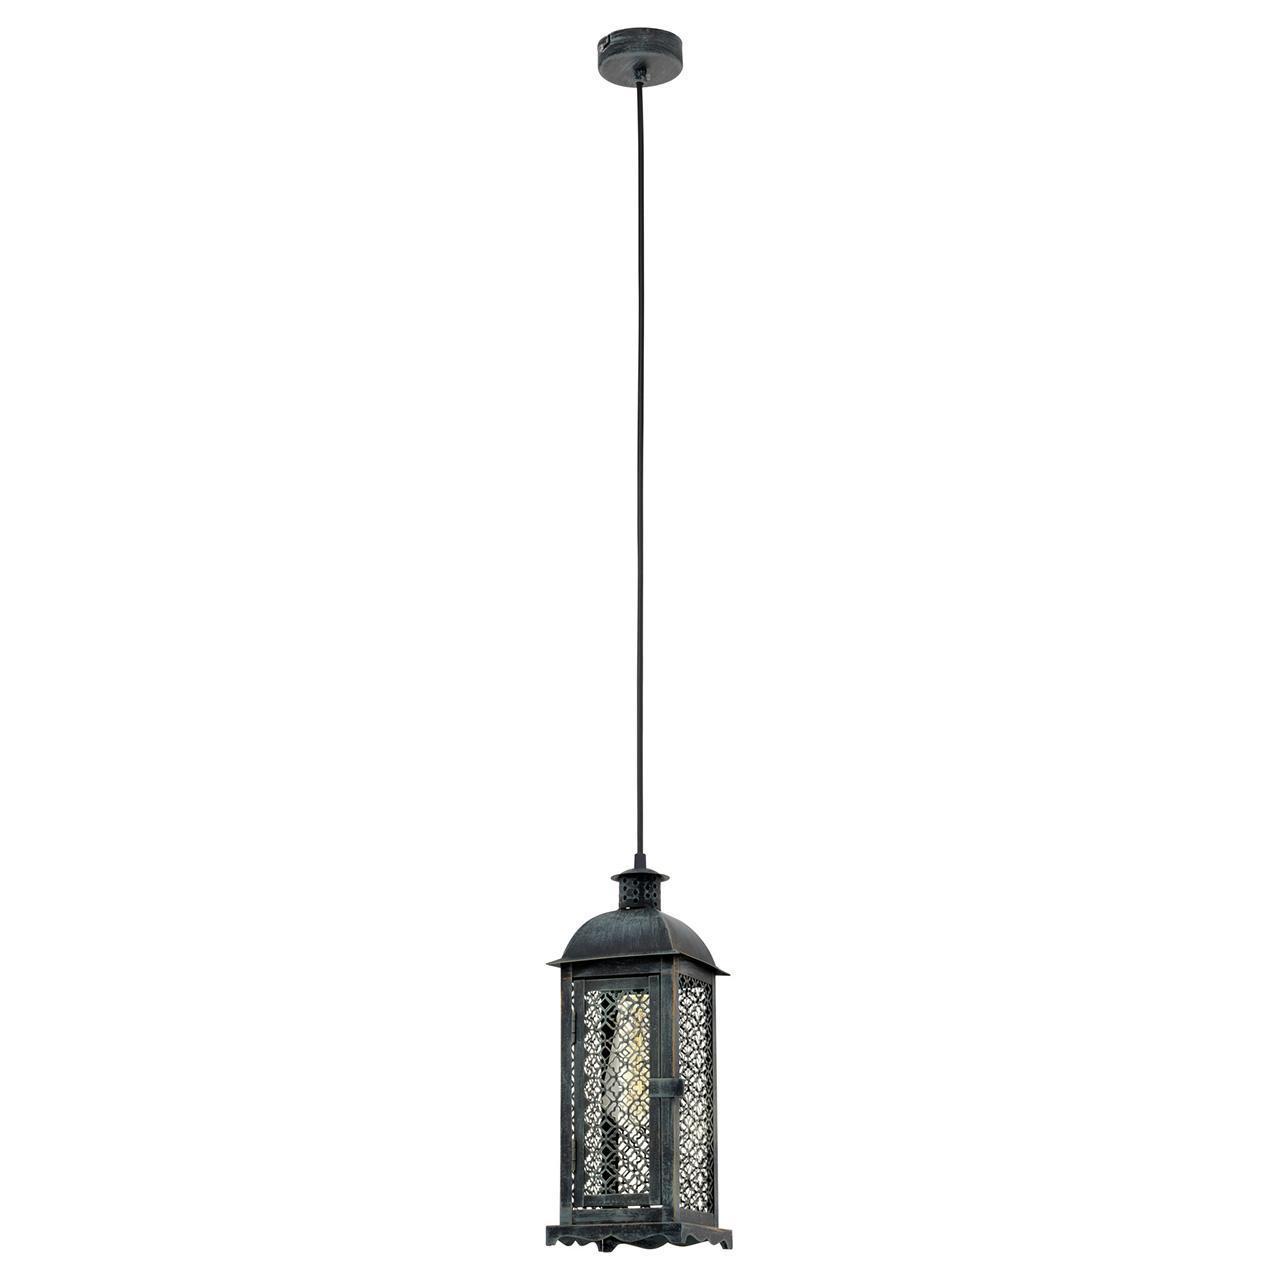 Подвесной светильник Eglo Vintage 49215 подвесной светильник eglo vintage 49214